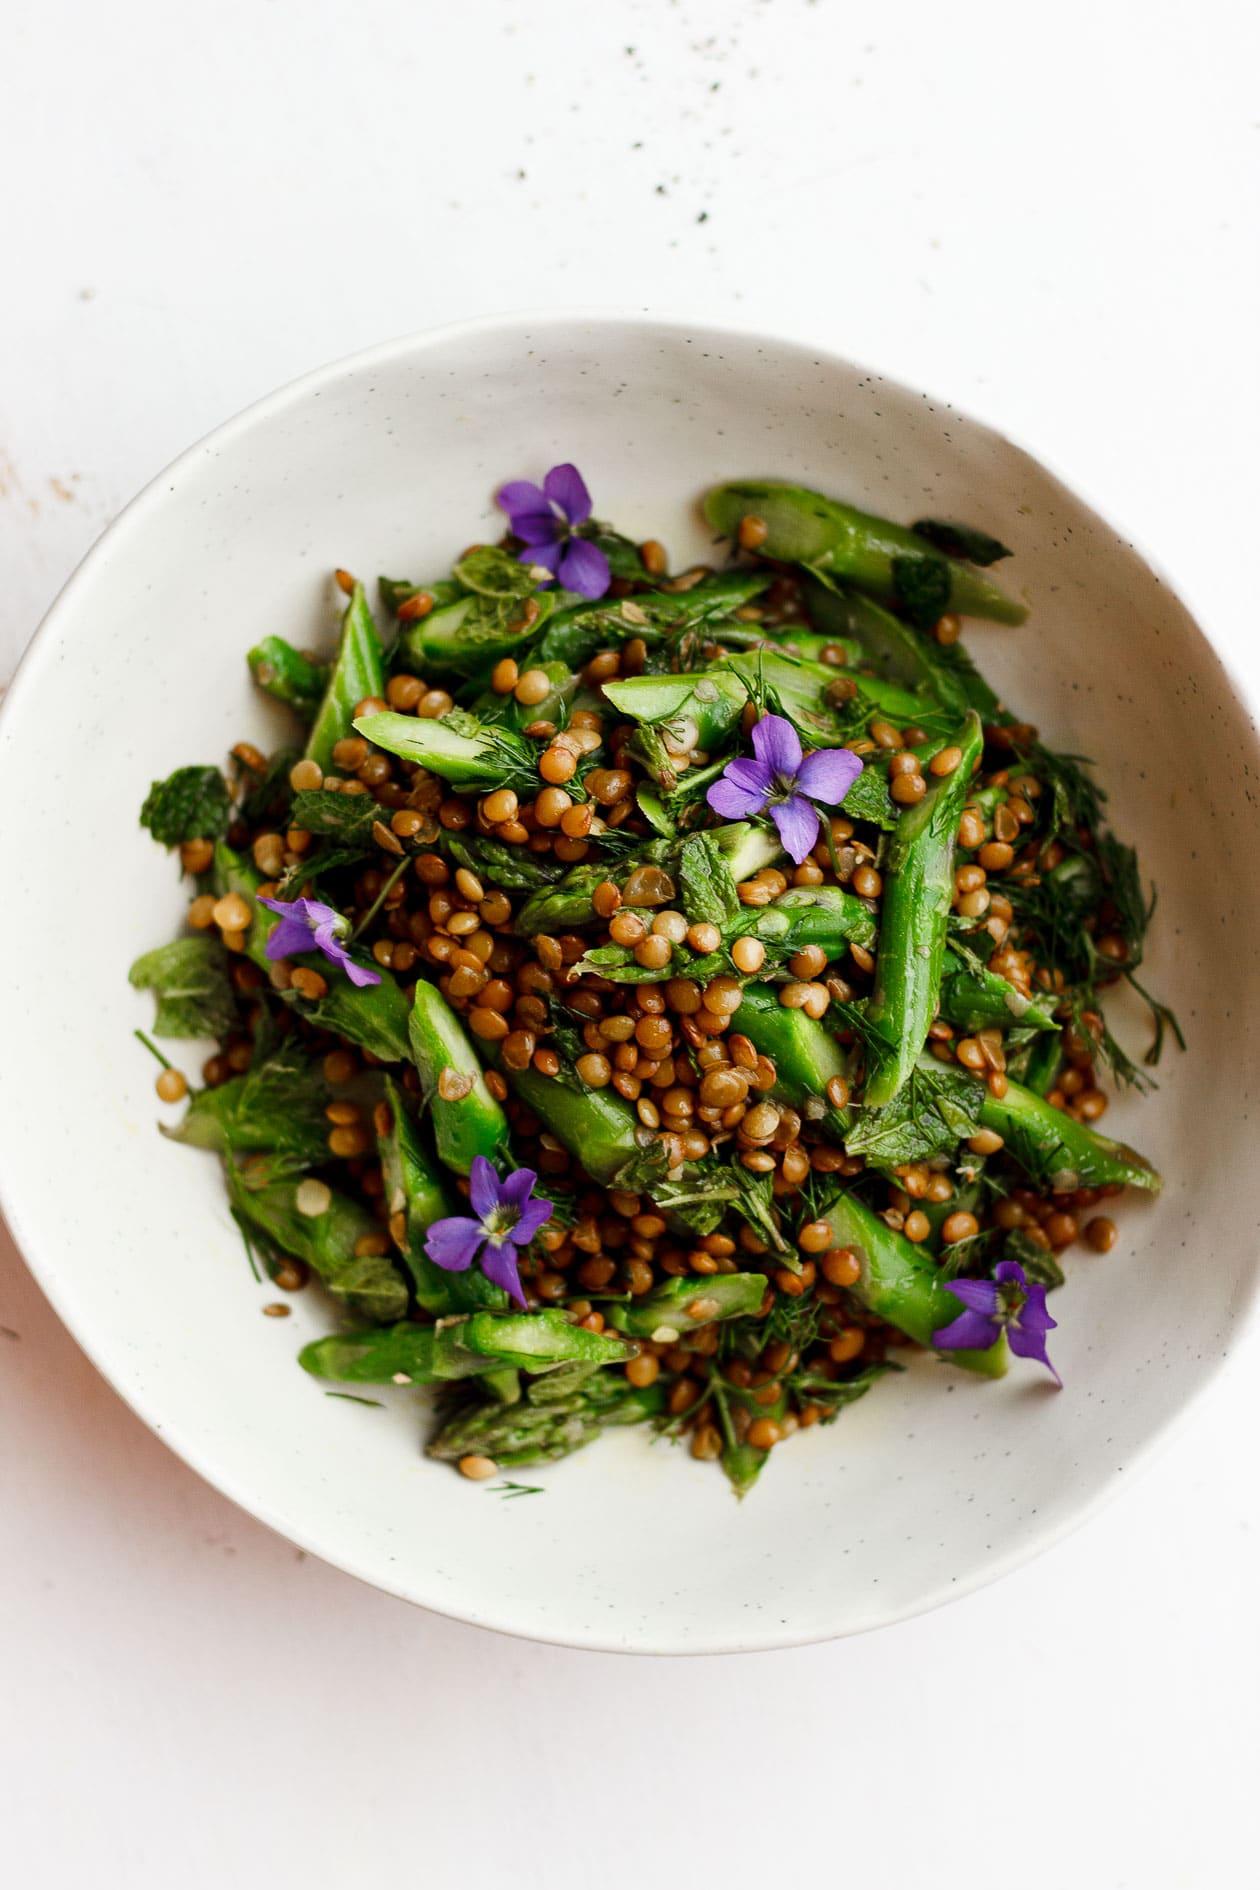 herb lentil and asparagus salad with violets